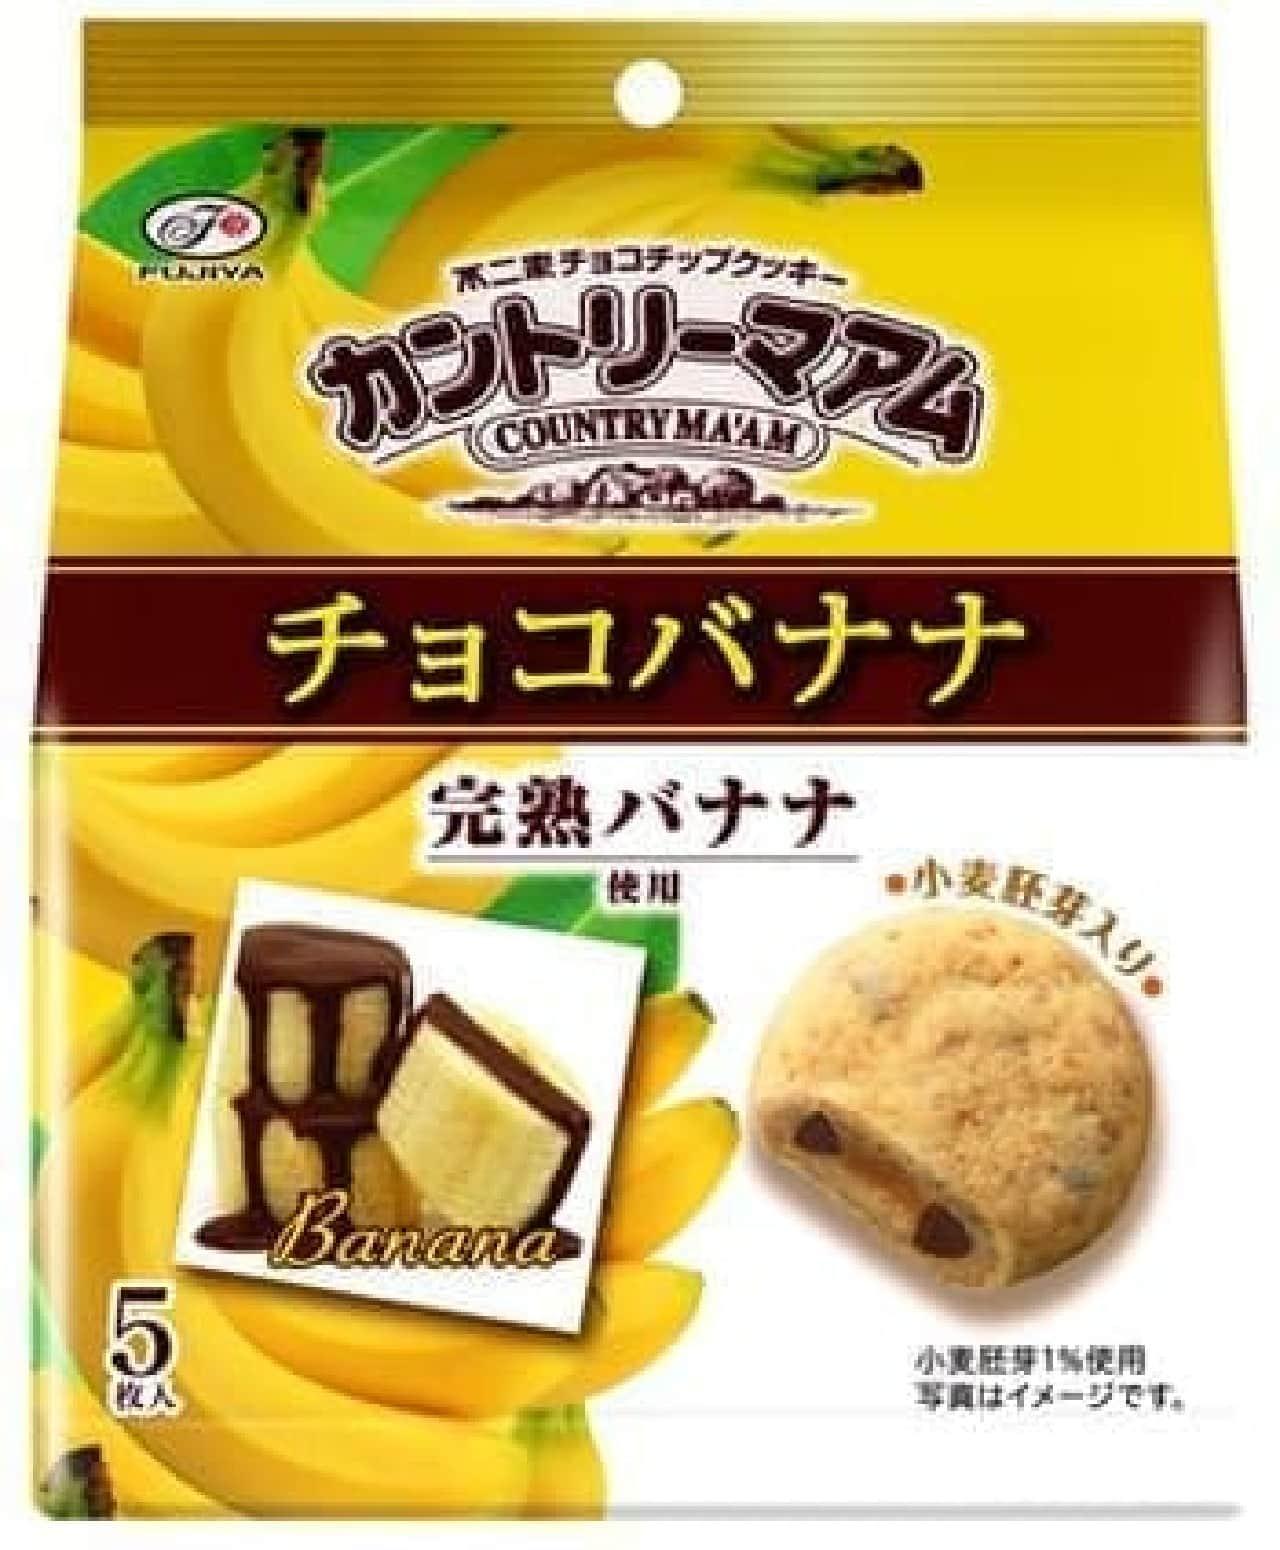 """まろやかな""""完熟バナナ""""のおいしさが味わえる!"""